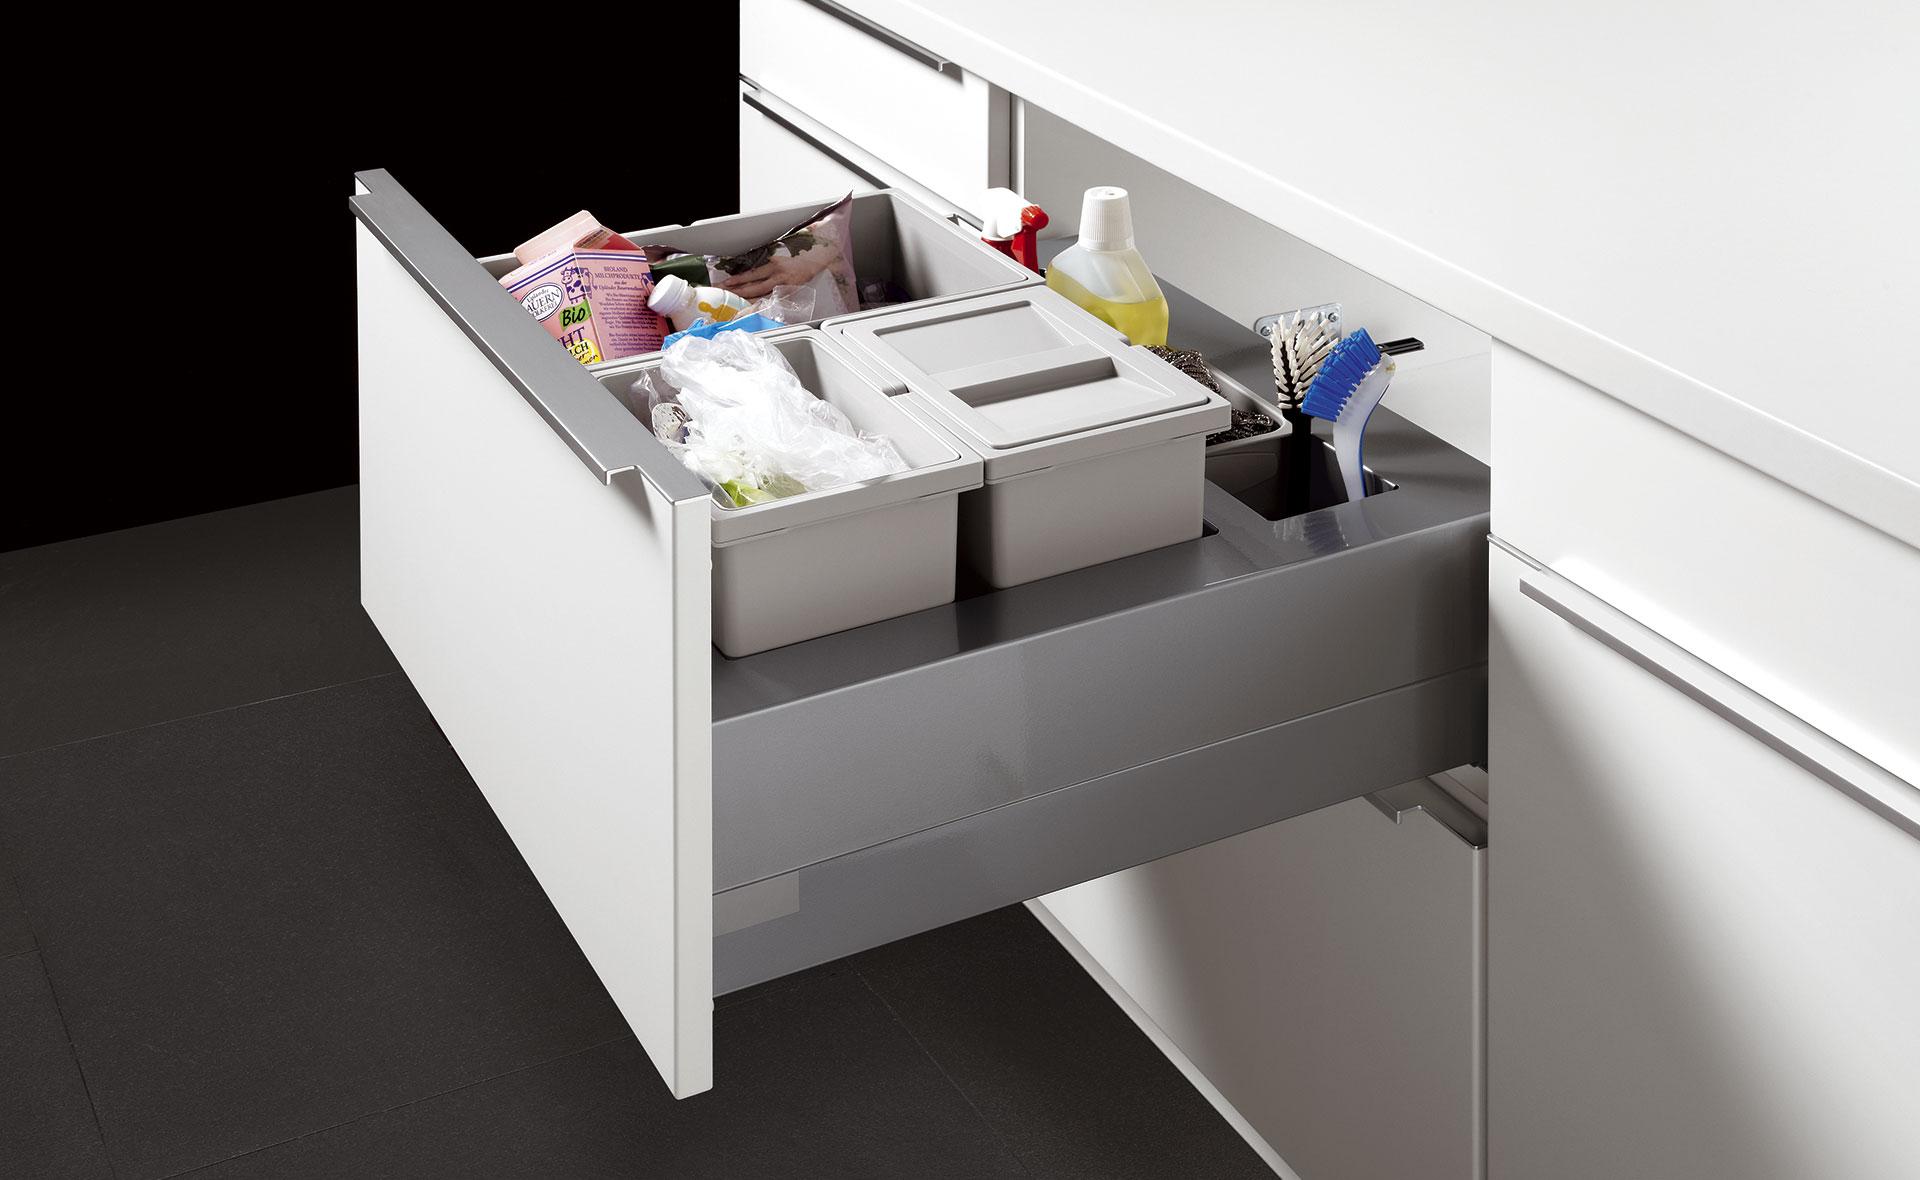 Accesorios - Cubos de reciclado